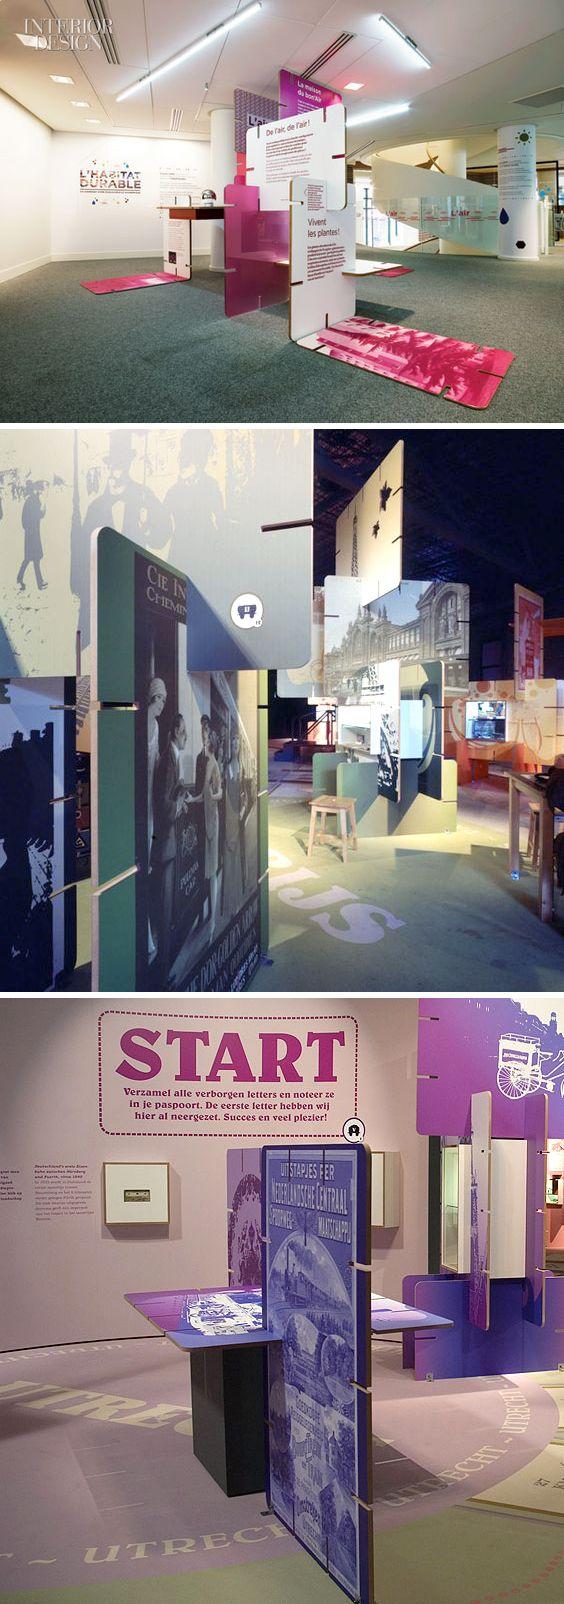 Exhibition design displays panel cardboard Eames cards | diseño de exposiciones son soportes y aneles autoencajables http://cartonlab.com/diseno-de-exposiciones-carton/